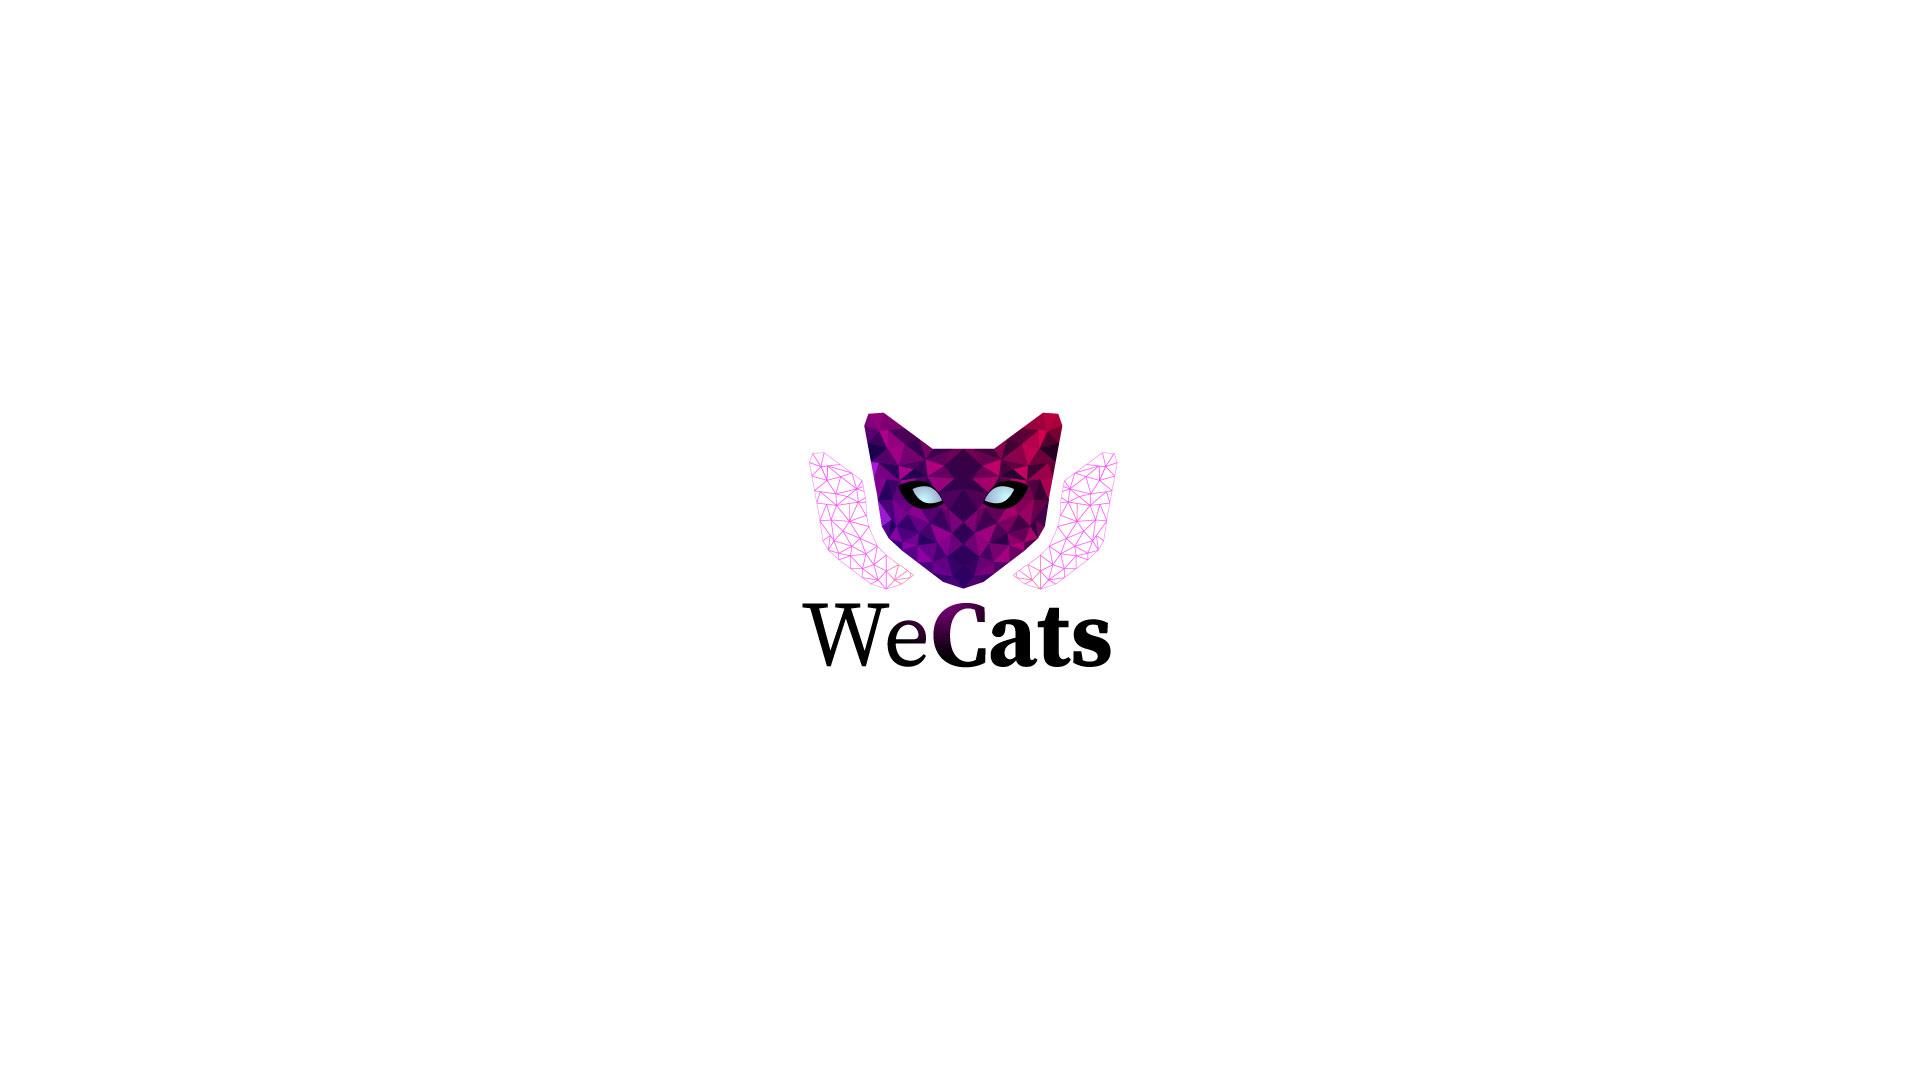 Создание логотипа WeCats фото f_8015f1afecd59bf4.jpg